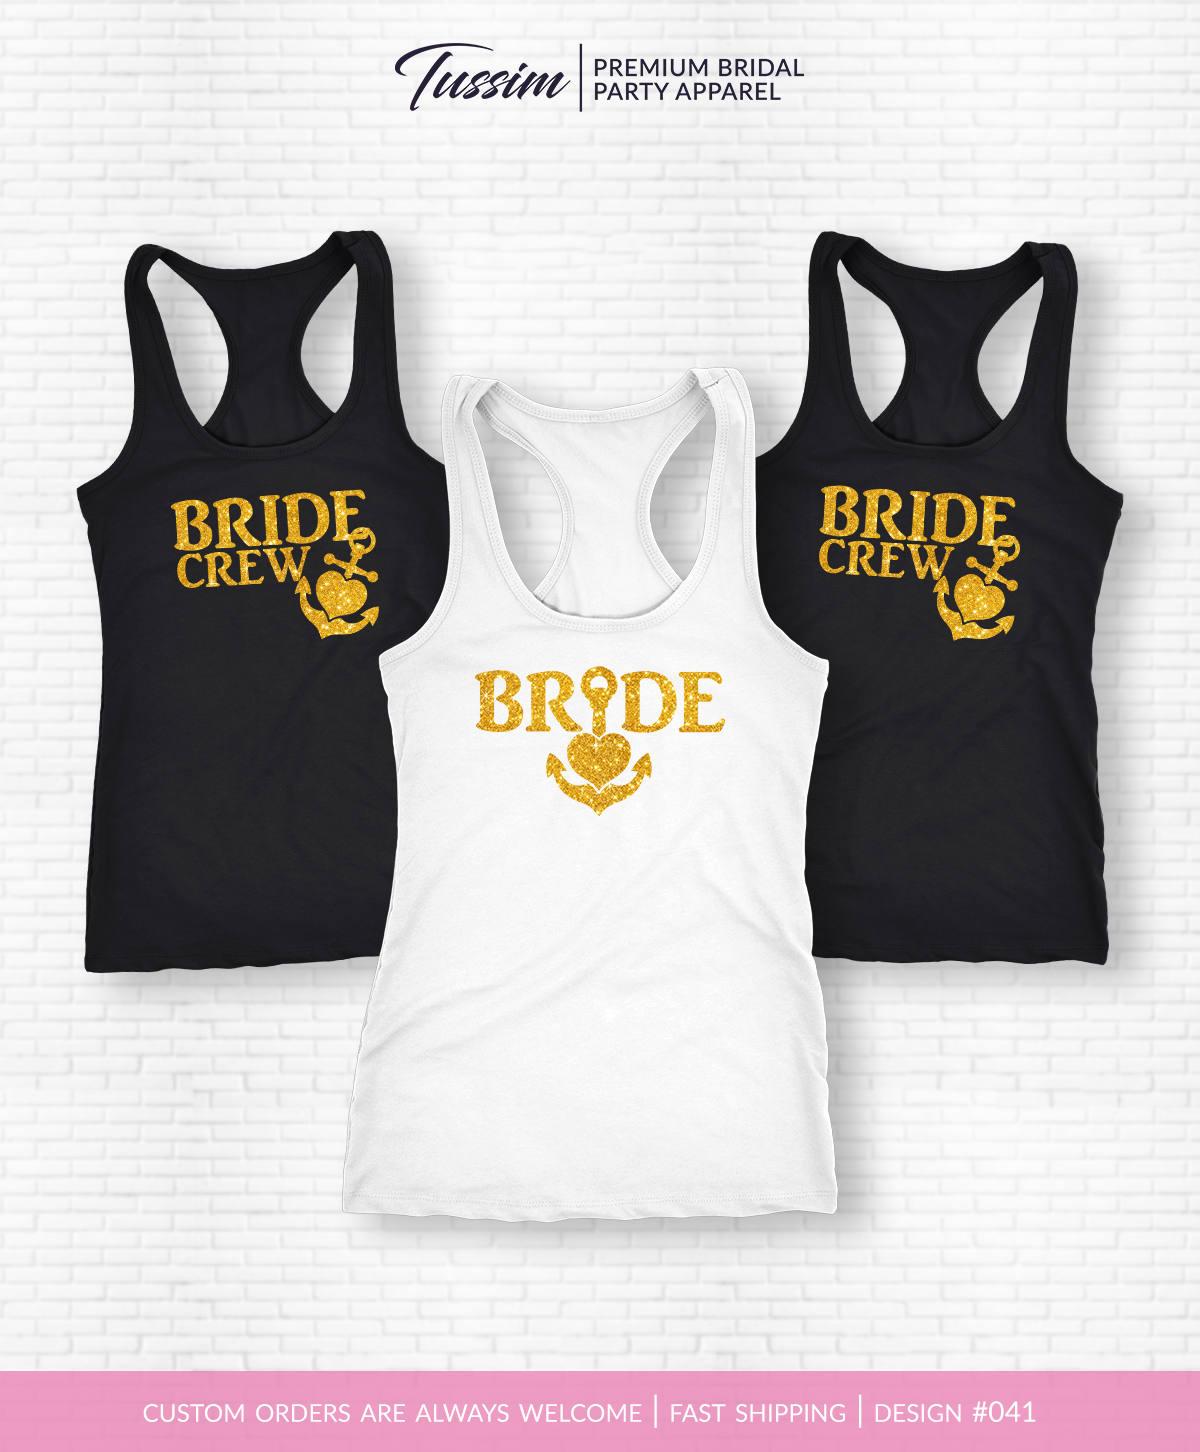 Bride Crew Tank Top Bride Crew Shirt Bride Tank Top Engagement Party Shirt Bachelorette Party Shirt